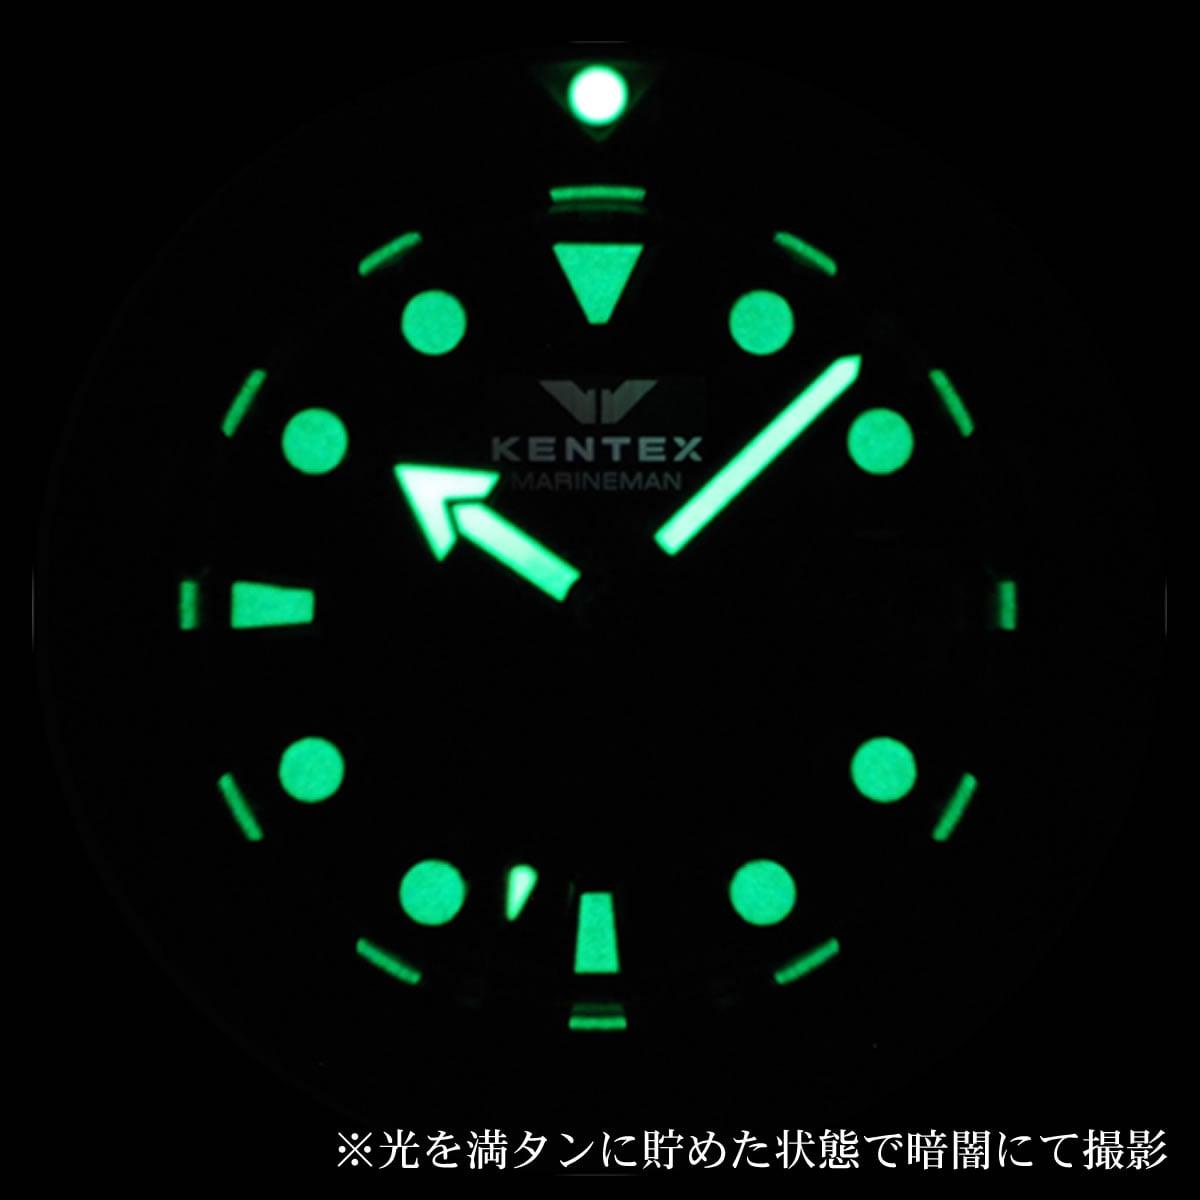 スーパールミナス夜光 s706m-15